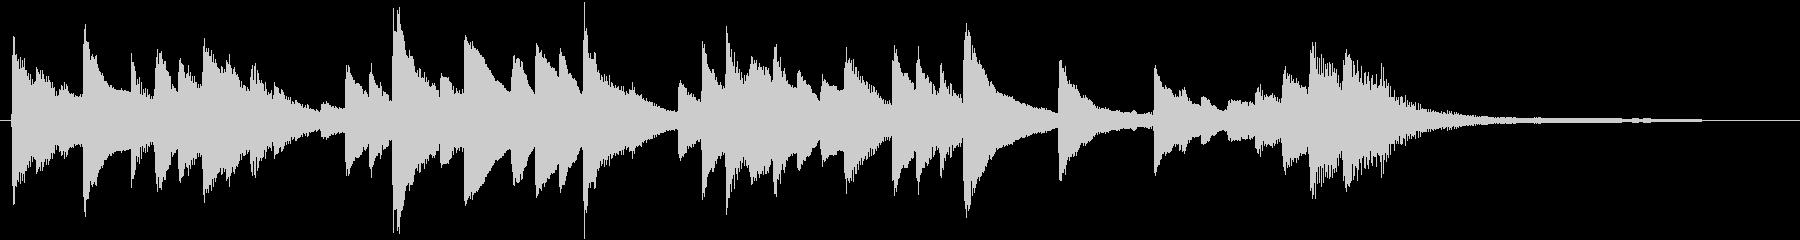 爽やかで明るいピアノのジングルの未再生の波形